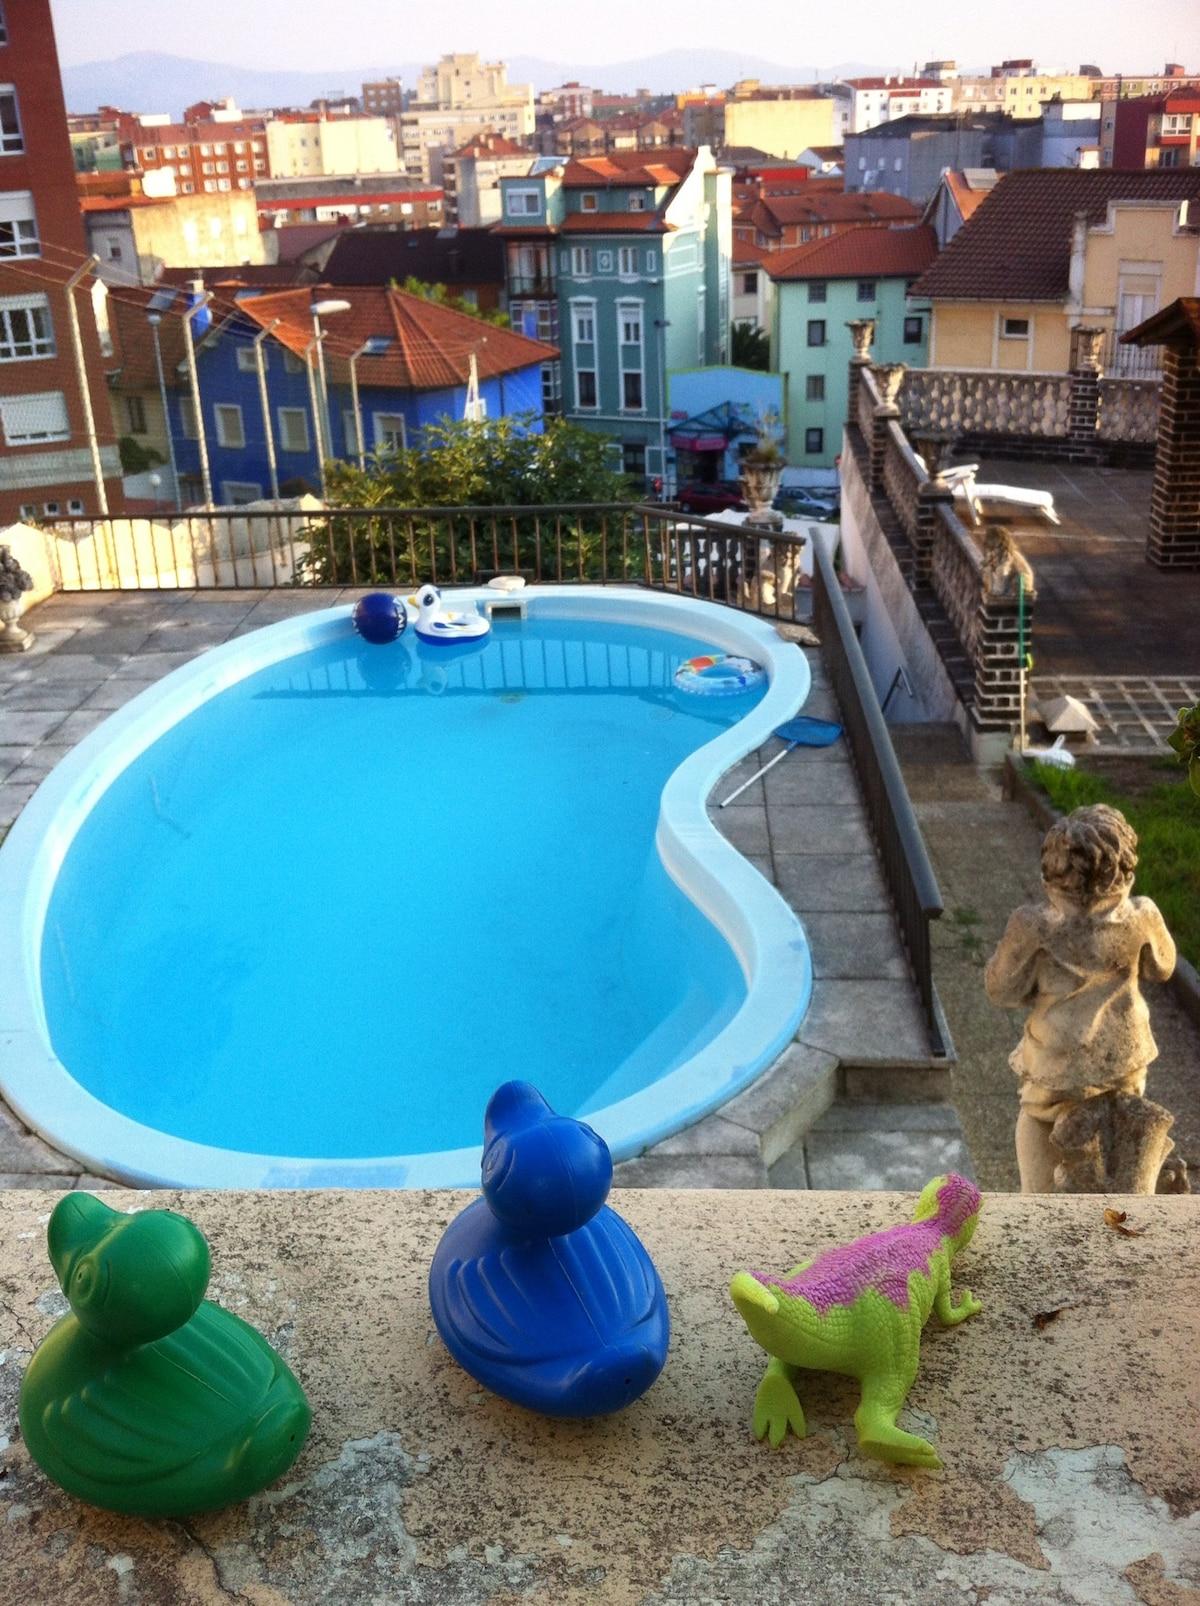 Estudio nuevo c ntrico con piscina en santander - Piscinas en santander ...